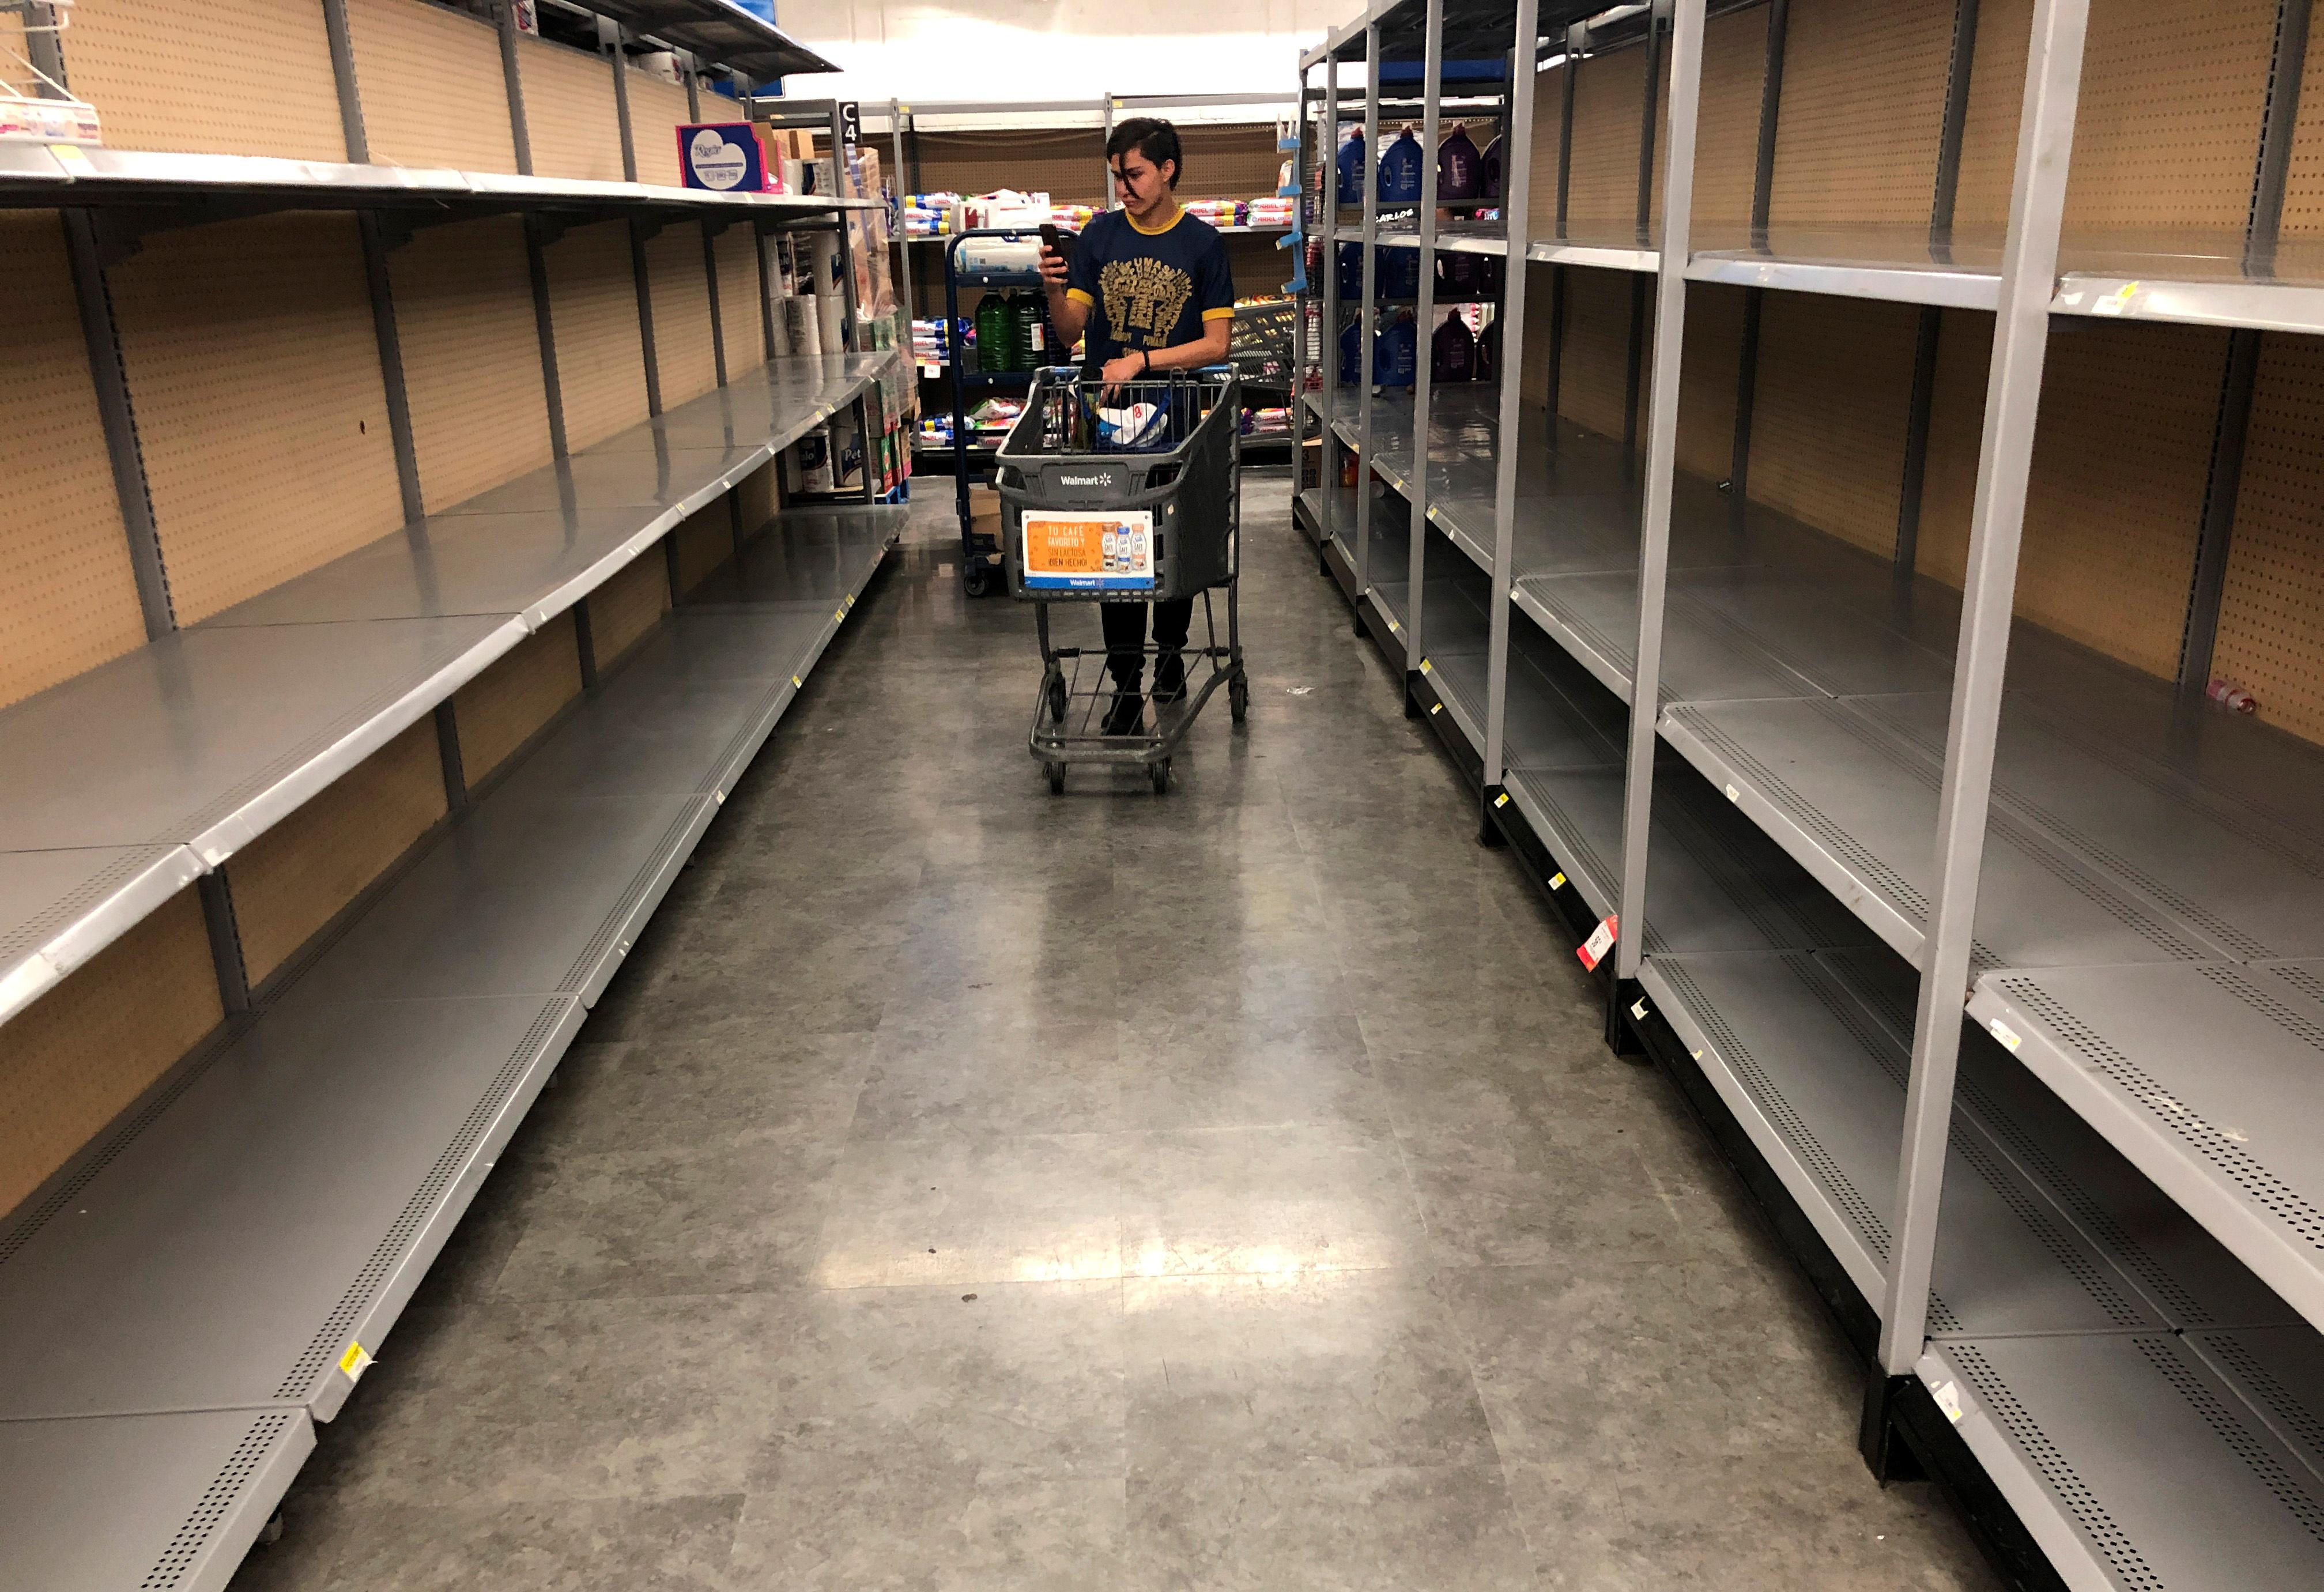 Un comprador filma estantes vacíos en un supermercado después de que las personas acapararan poductos de limpieza debido al brote de la enfermedad del coronavirus (COVID-19), en la Ciudad de México, México, 22 de marzo de 2020.